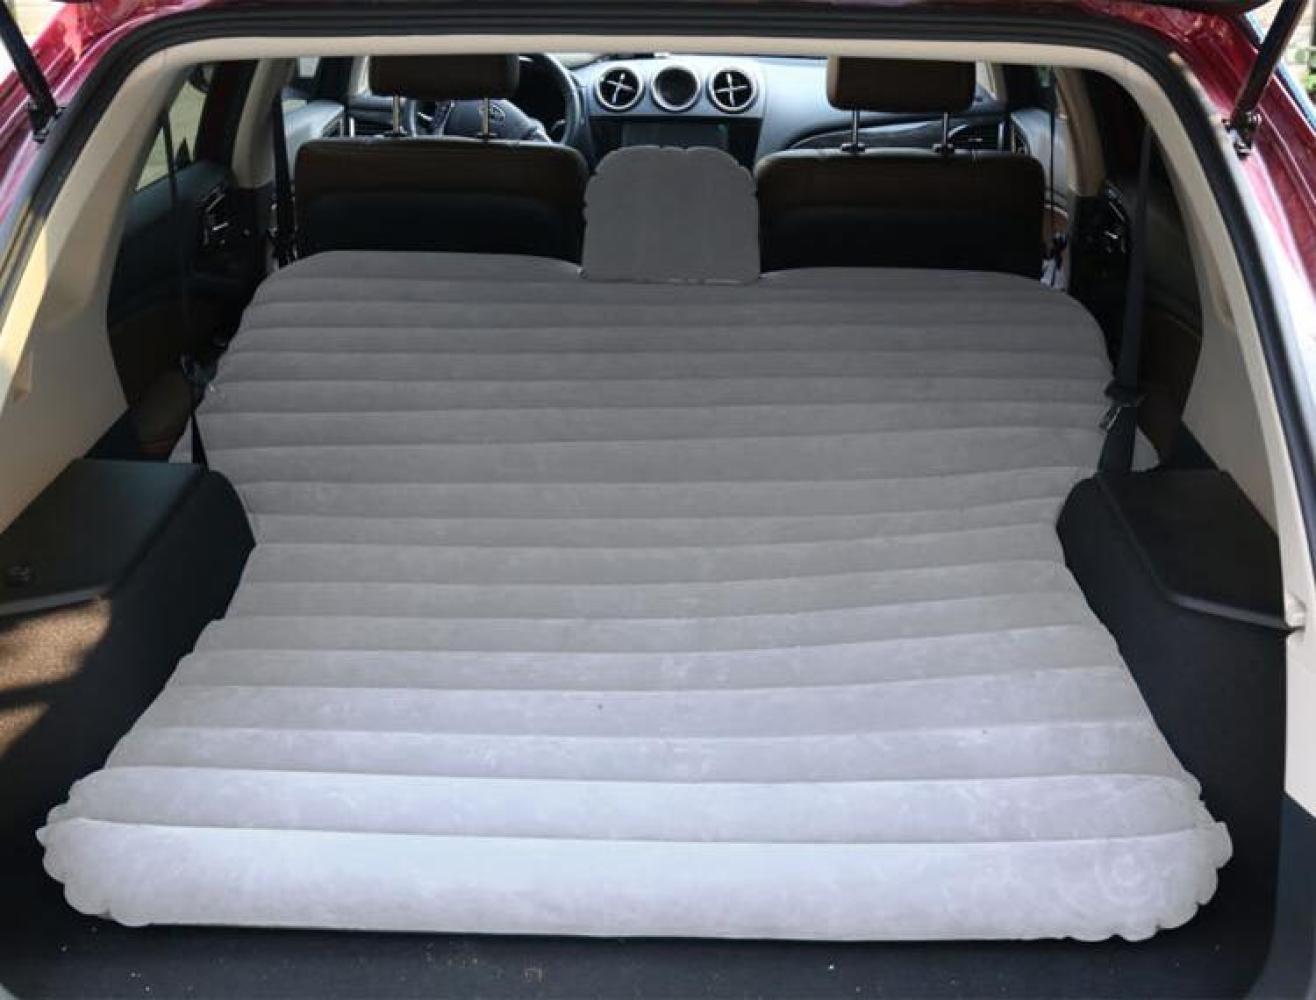 ERHANG Luftmatratzen Auto-Bett SUV-Hintersitz-Schlafenmatte-aufblasbares Bett Das Reise-Bett Im Freien Faltet,grau